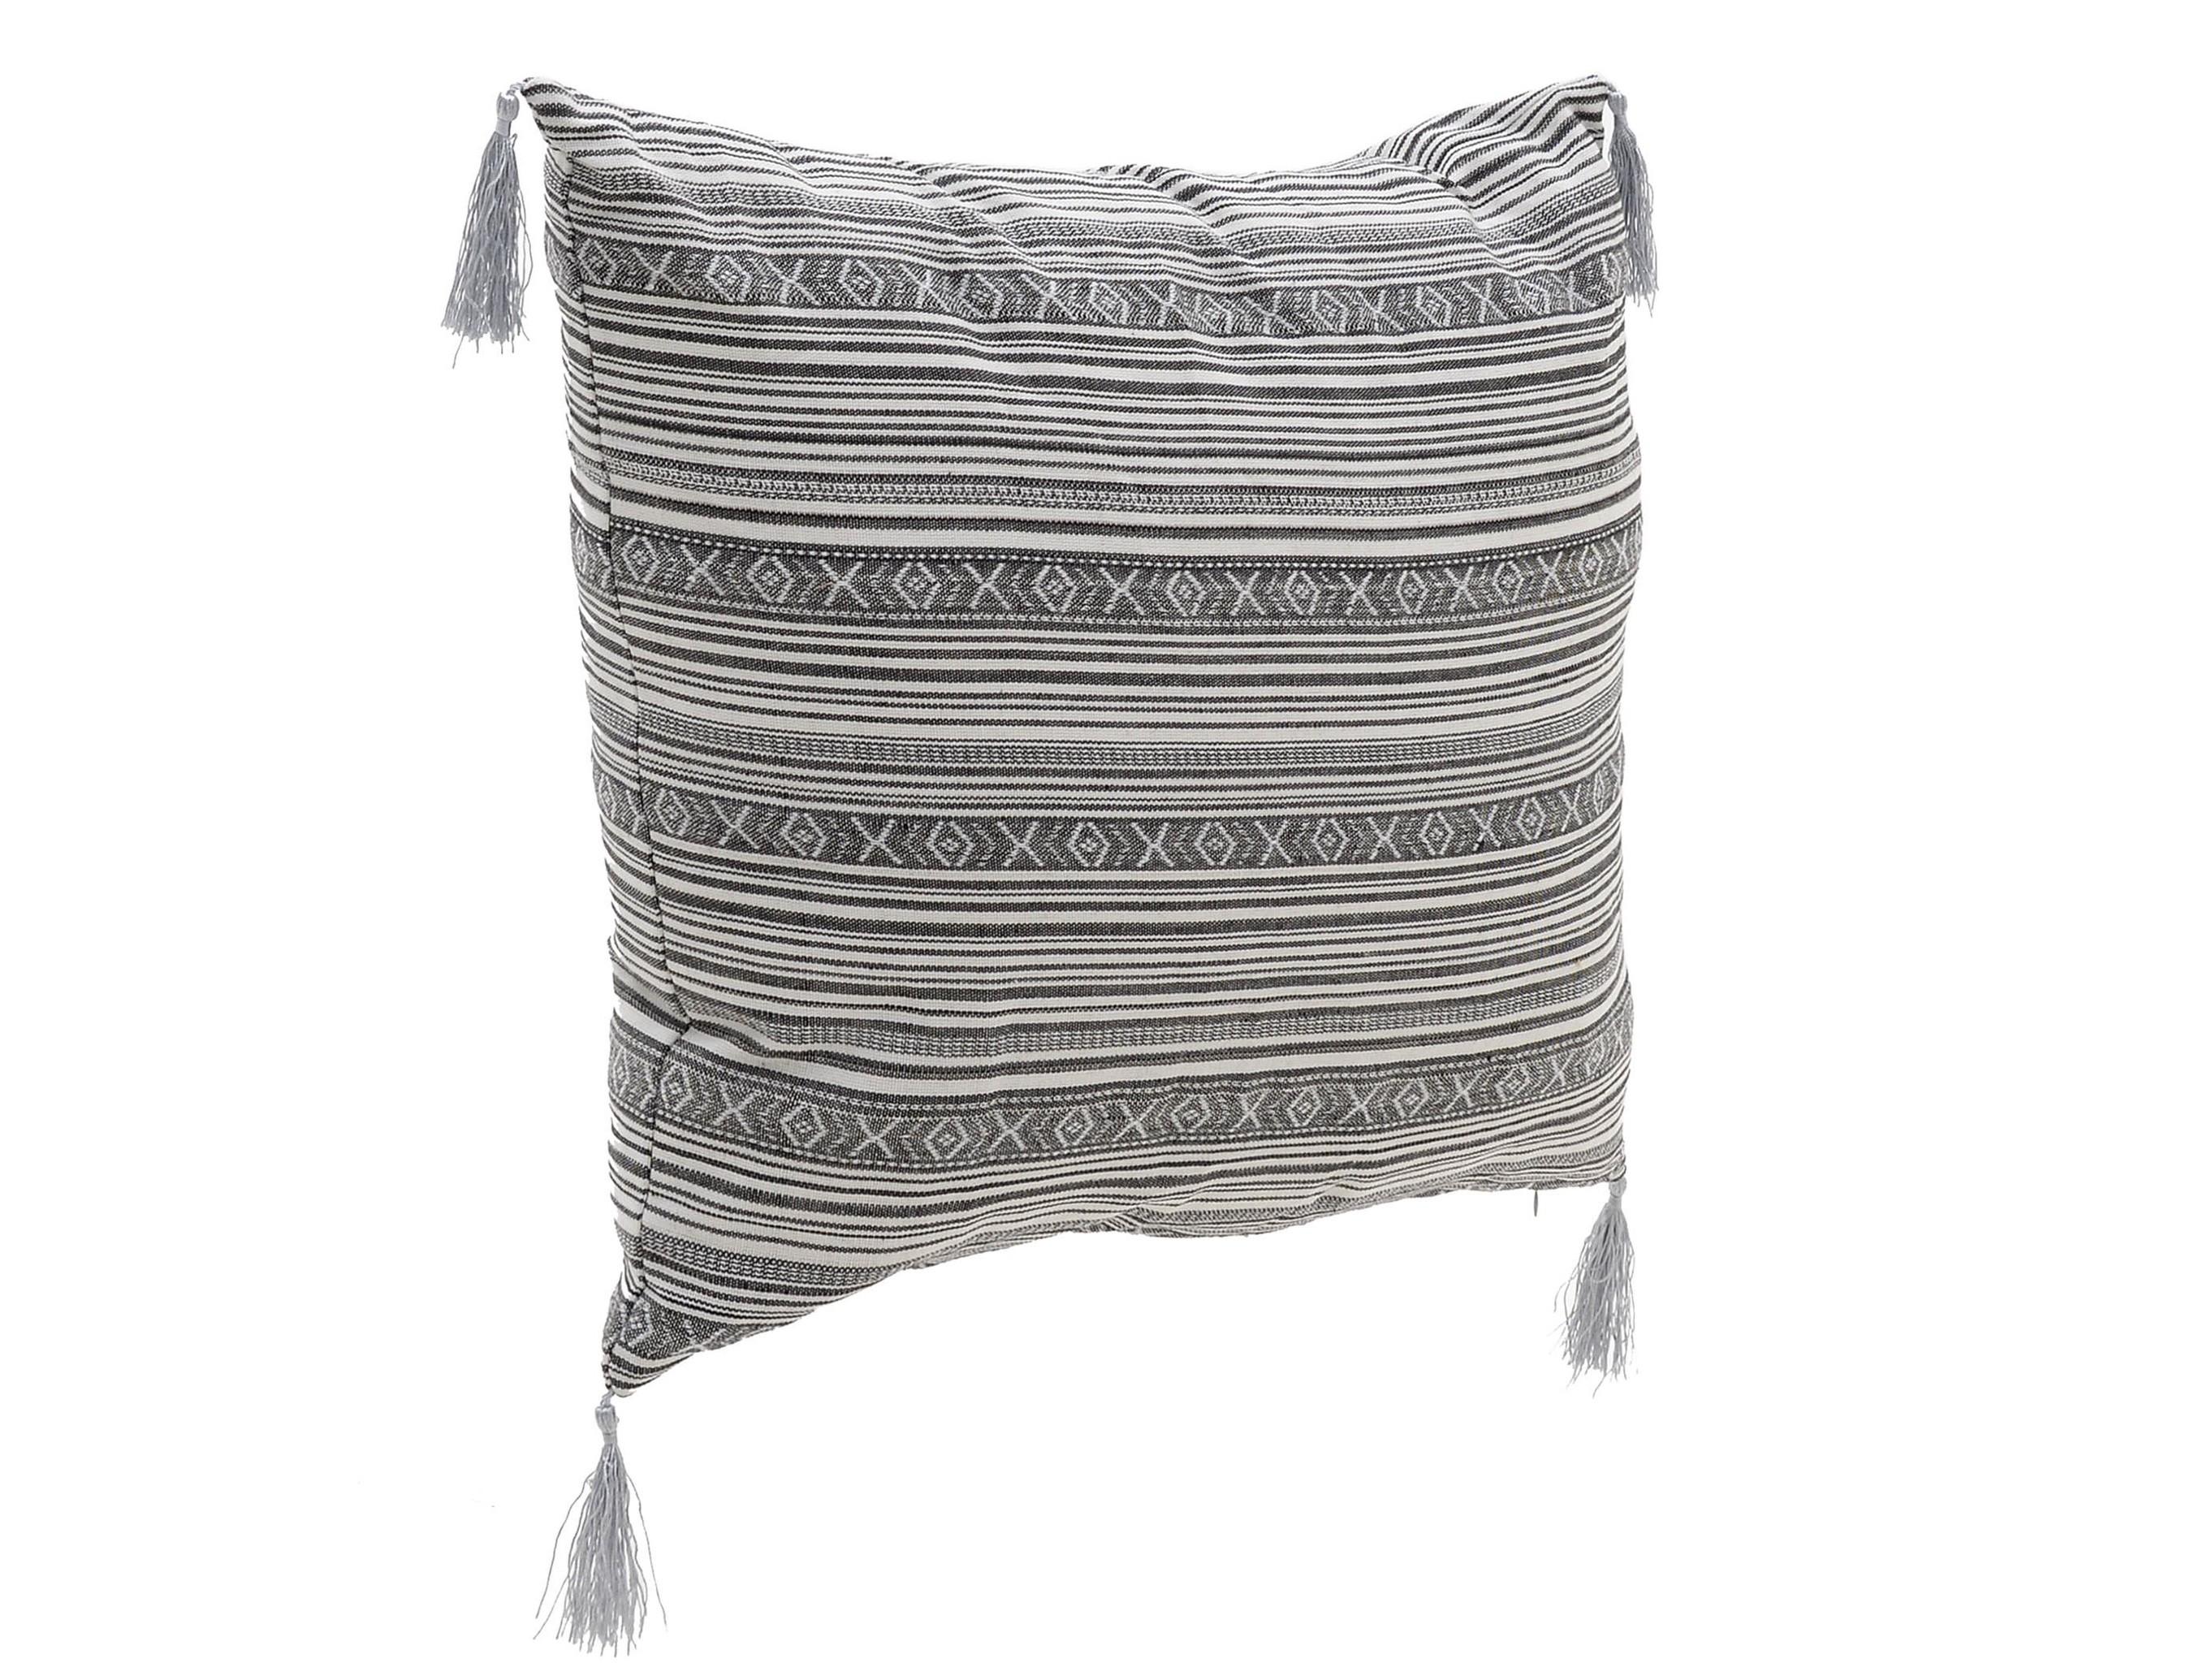 Подушка SamanthaКвадратные подушки и наволочки<br><br><br>Material: Текстиль<br>Ширина см: 45<br>Высота см: 45<br>Глубина см: 6